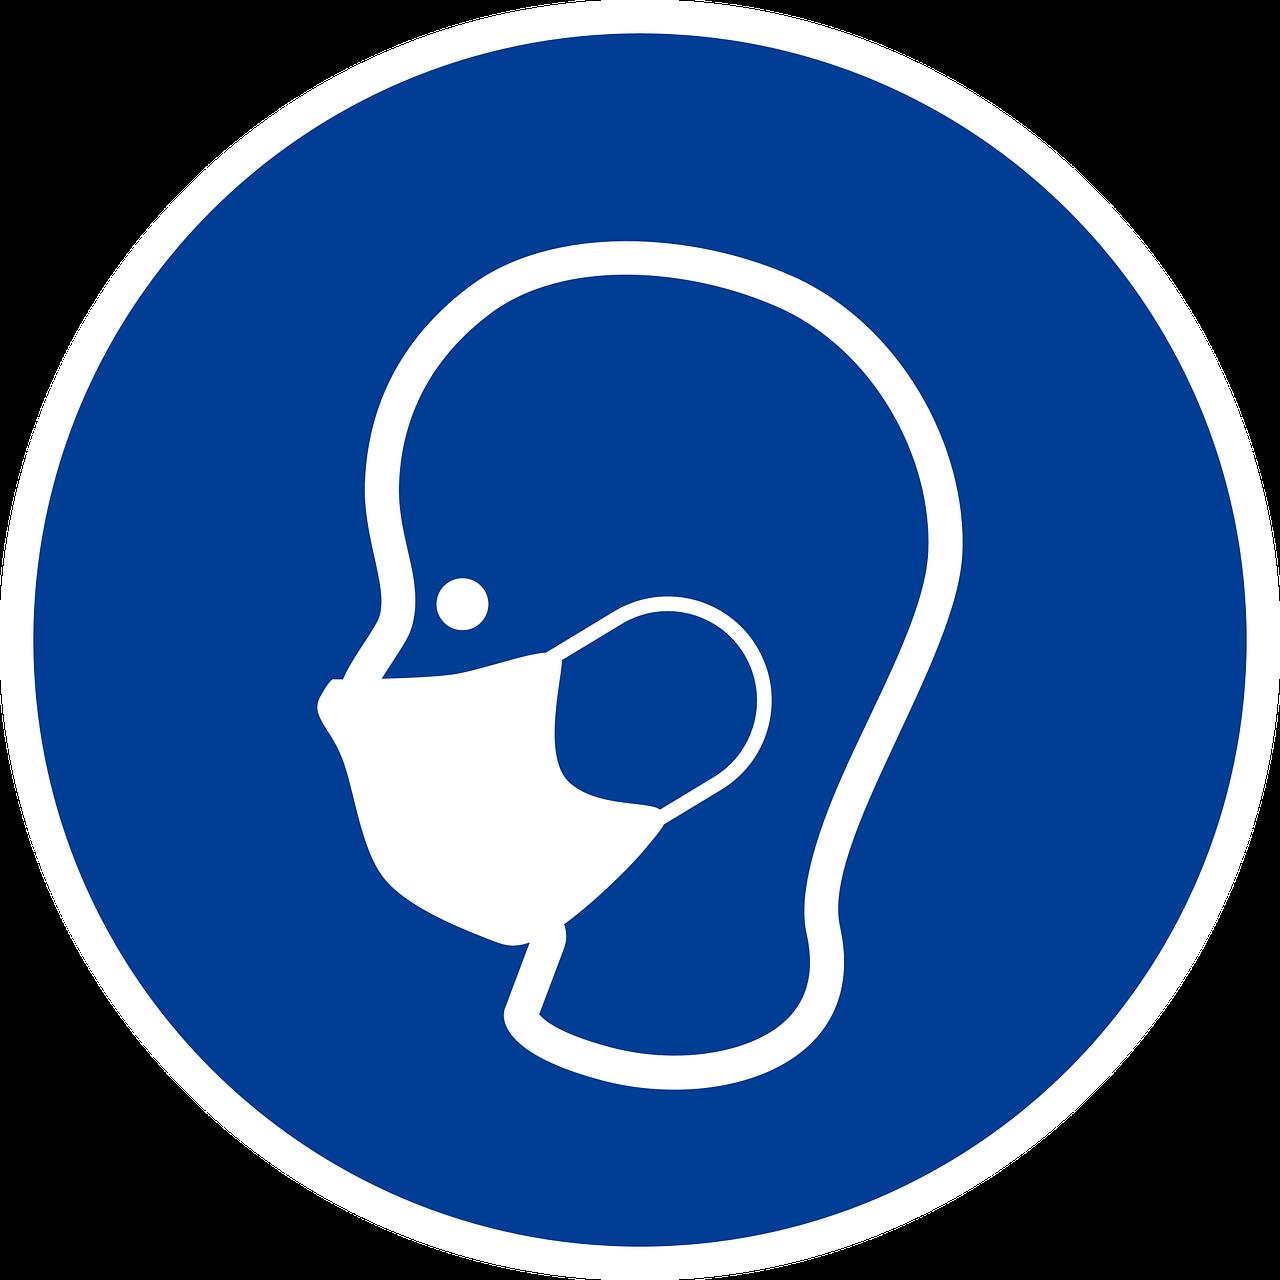 Maskenpflicht - Bild von iXimus auf Pixabay